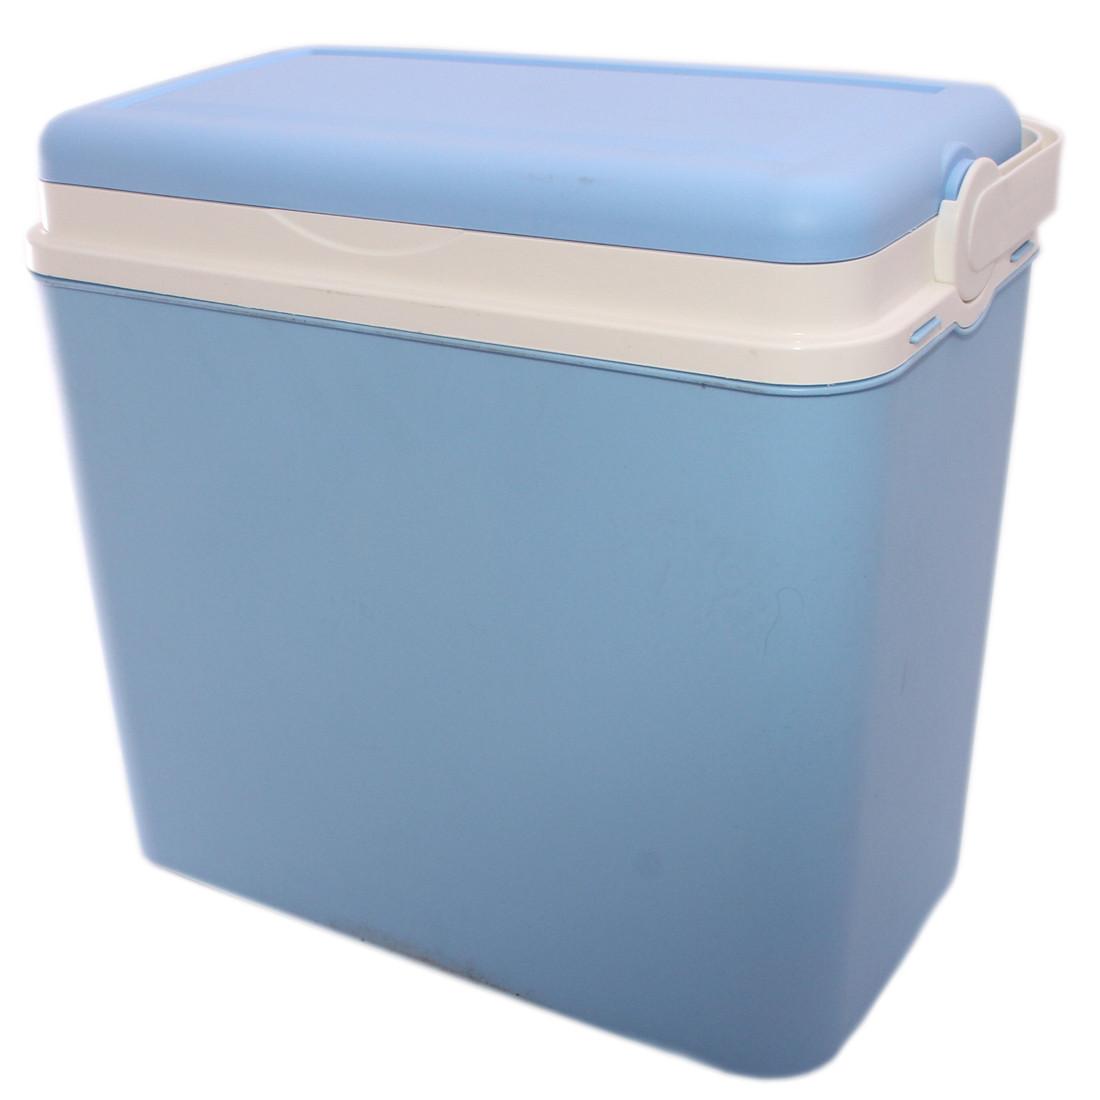 Ψυγείο φορητό - image 1-thumbnail